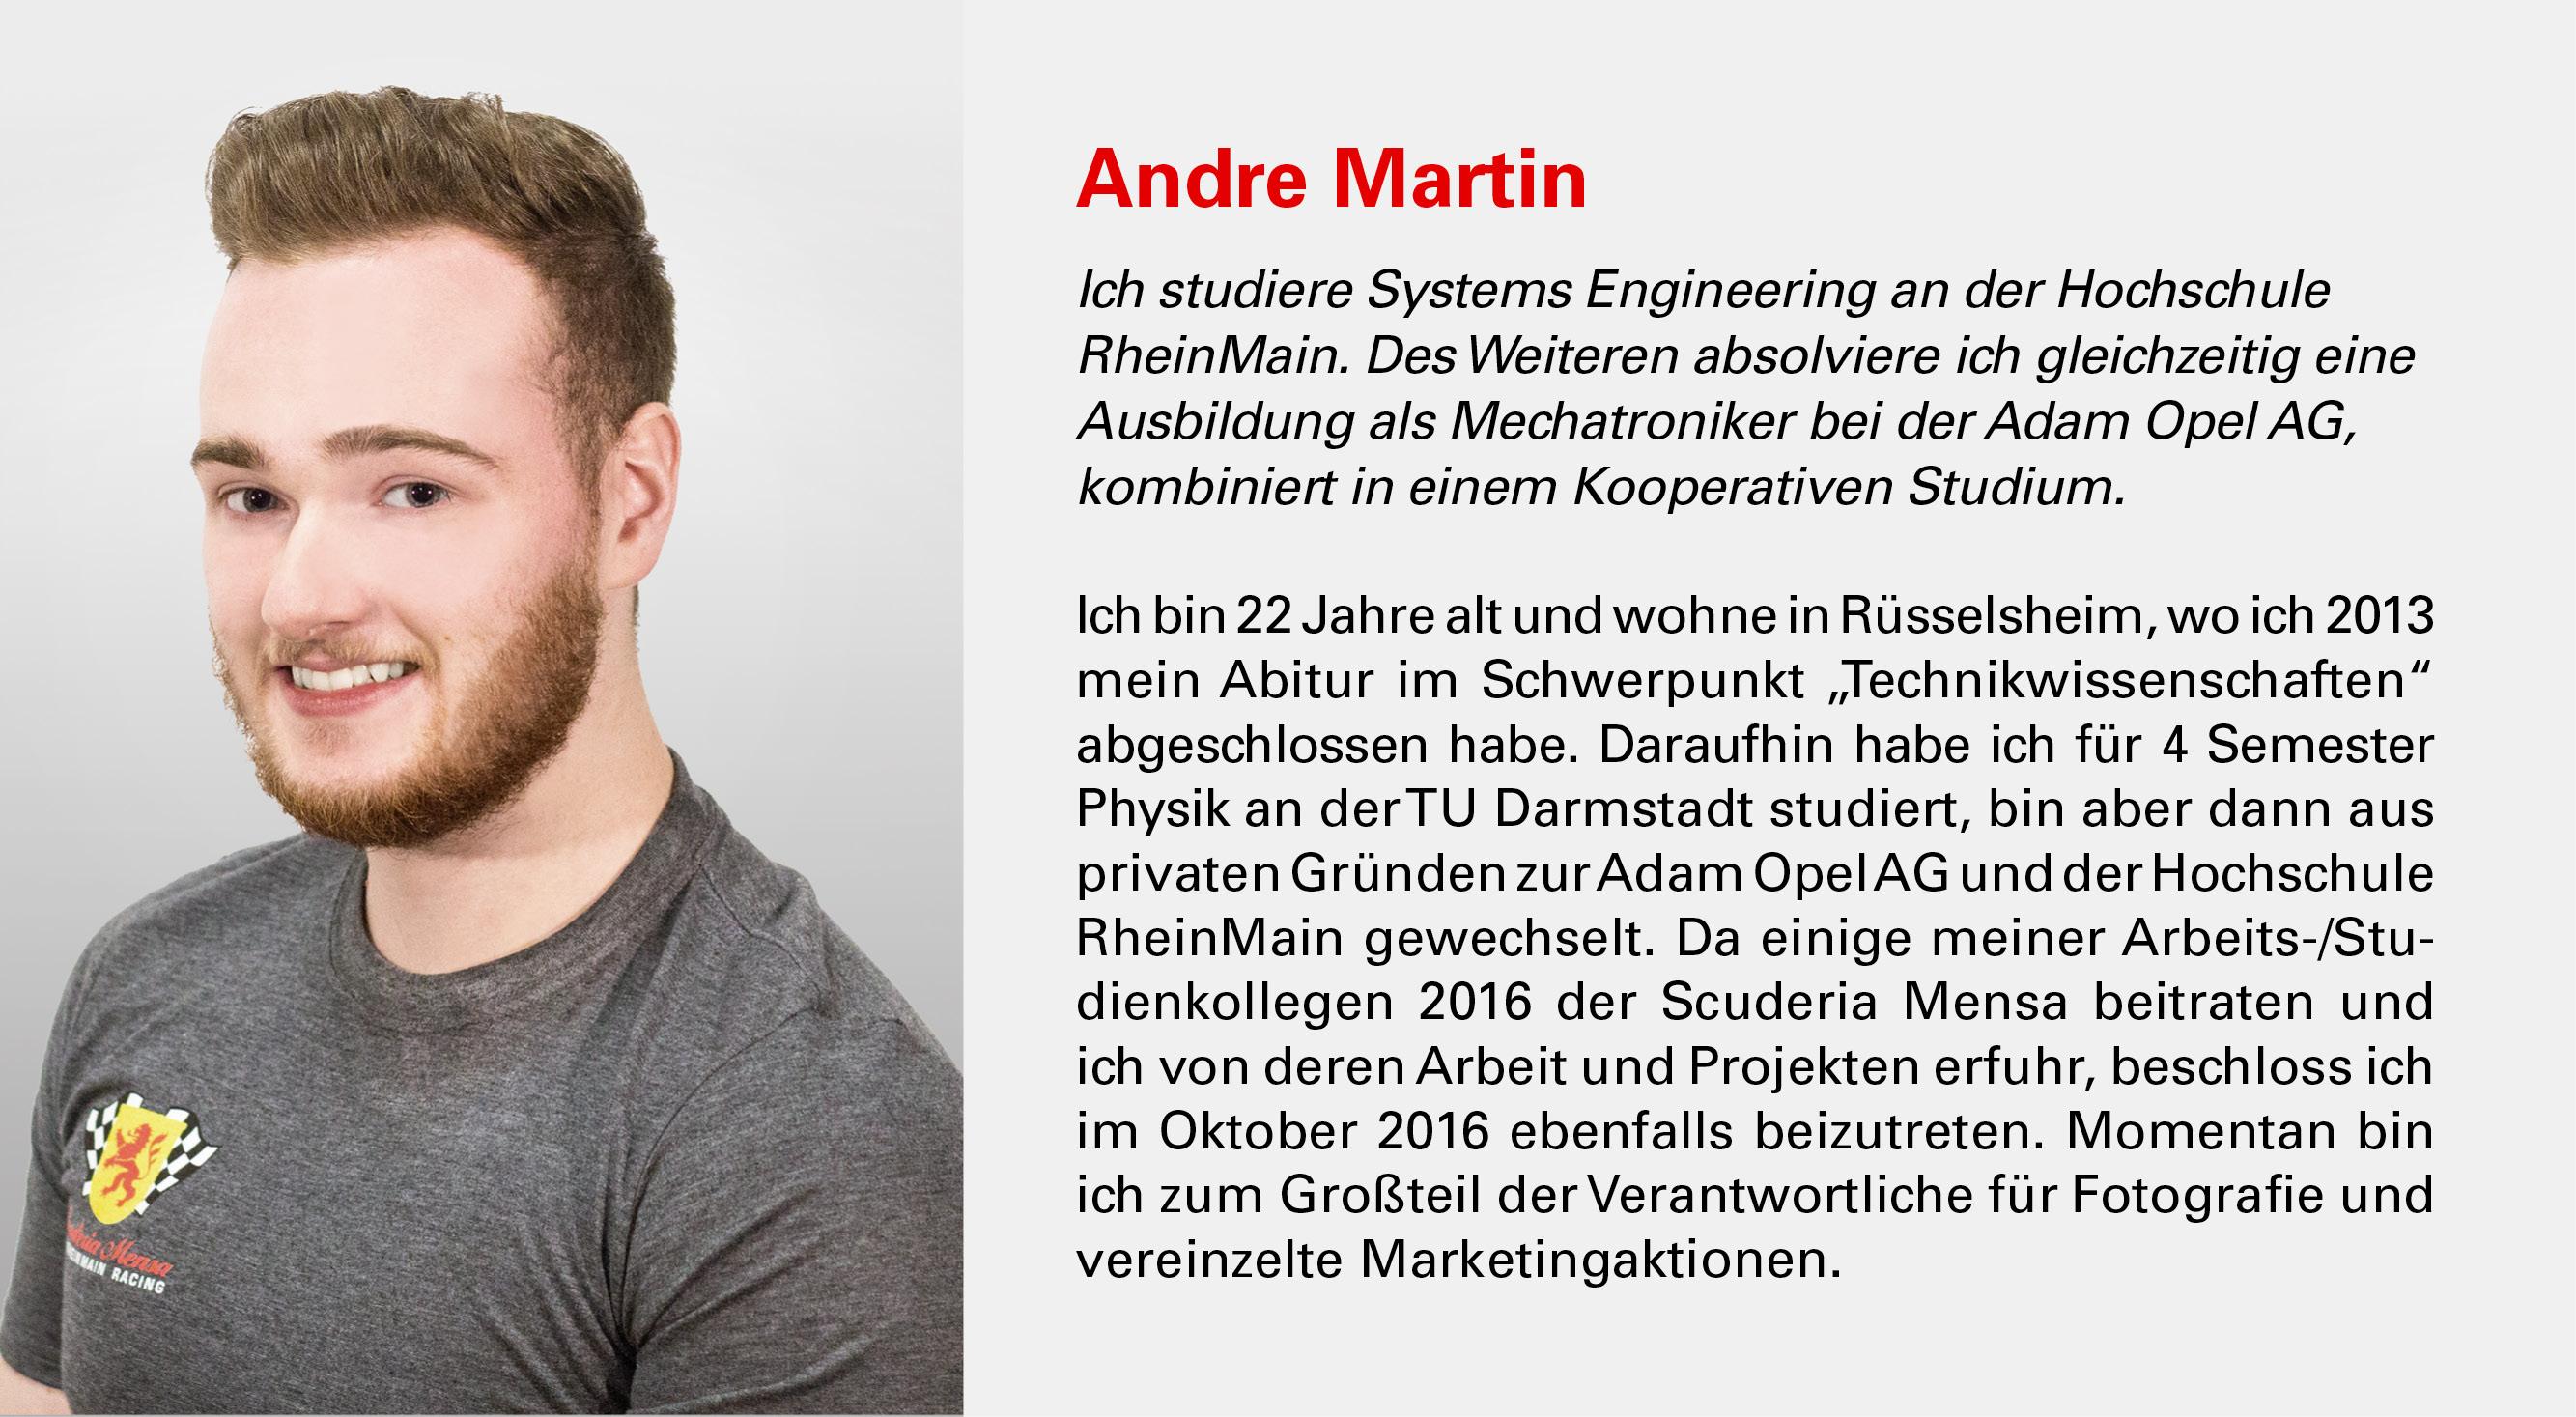 Andre Martin für Herth+Buss